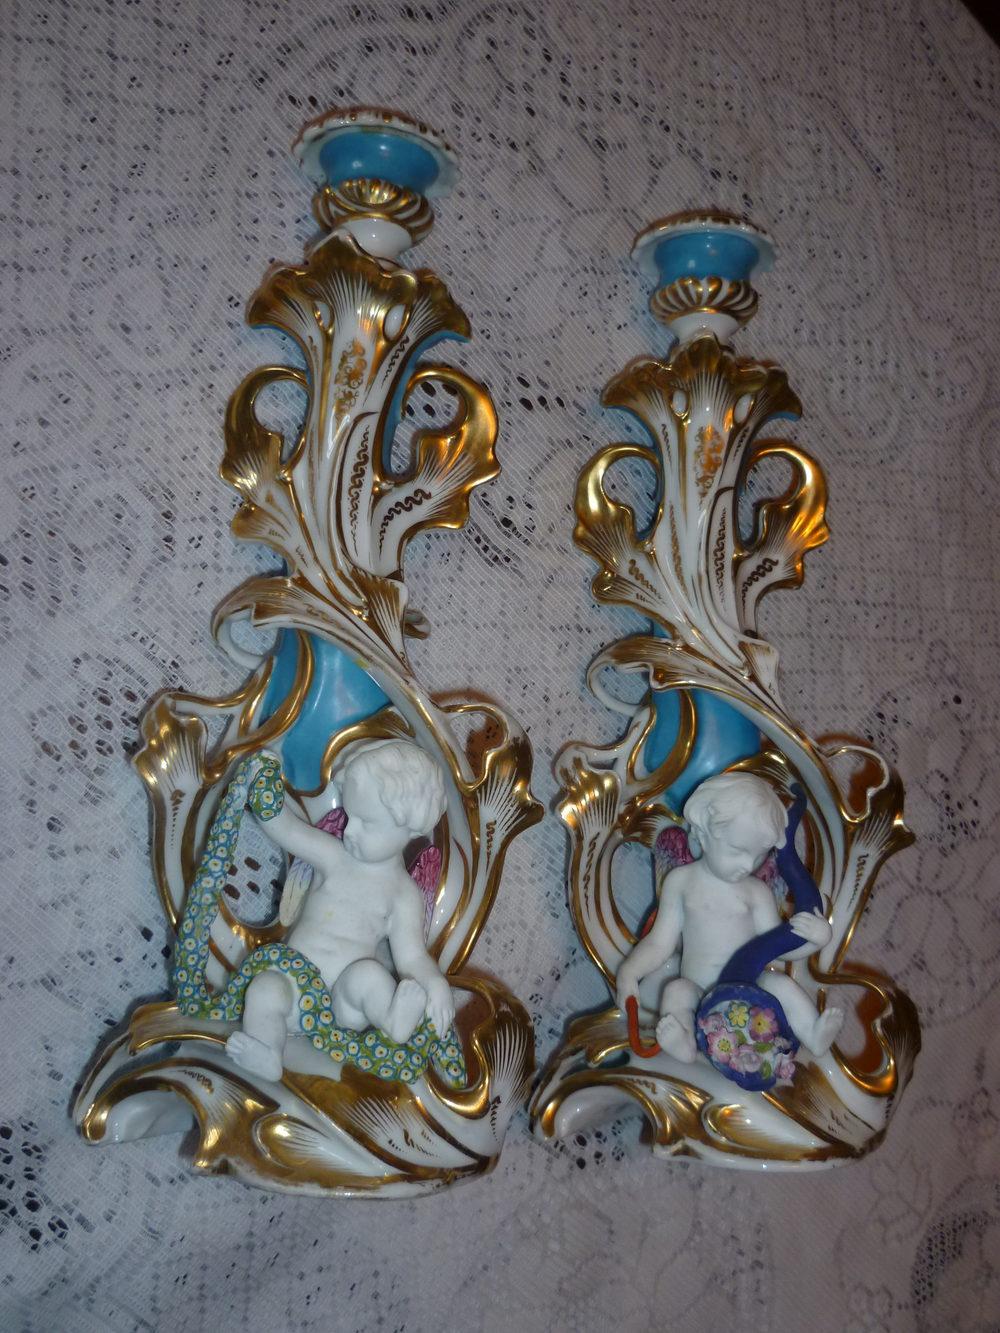 ceramic quail figurines eBay